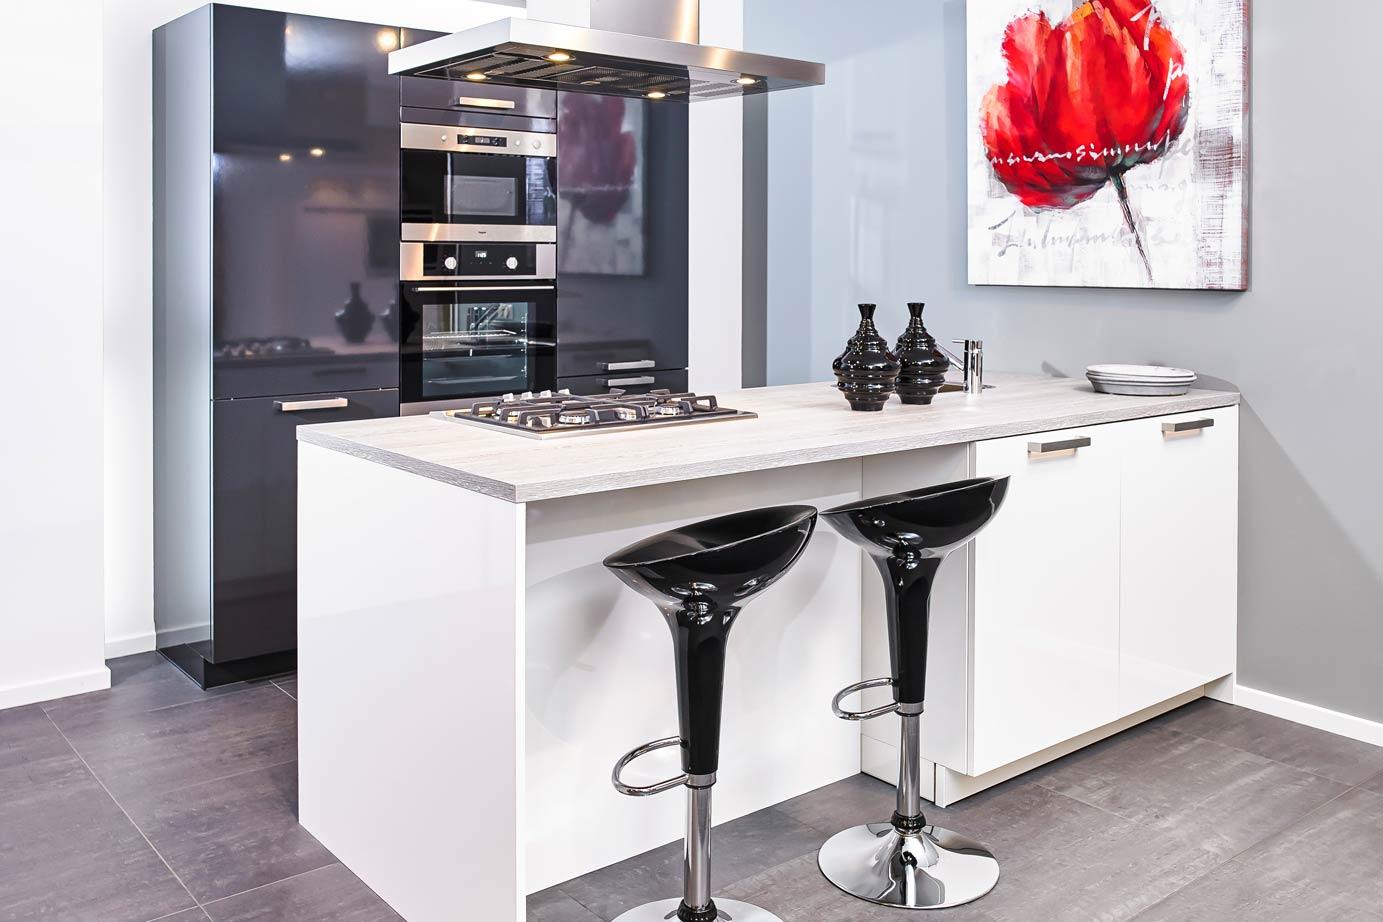 Keuken Kookeiland Zwart : Zwarte keukens in iedere stijl budget en opstelling avanti